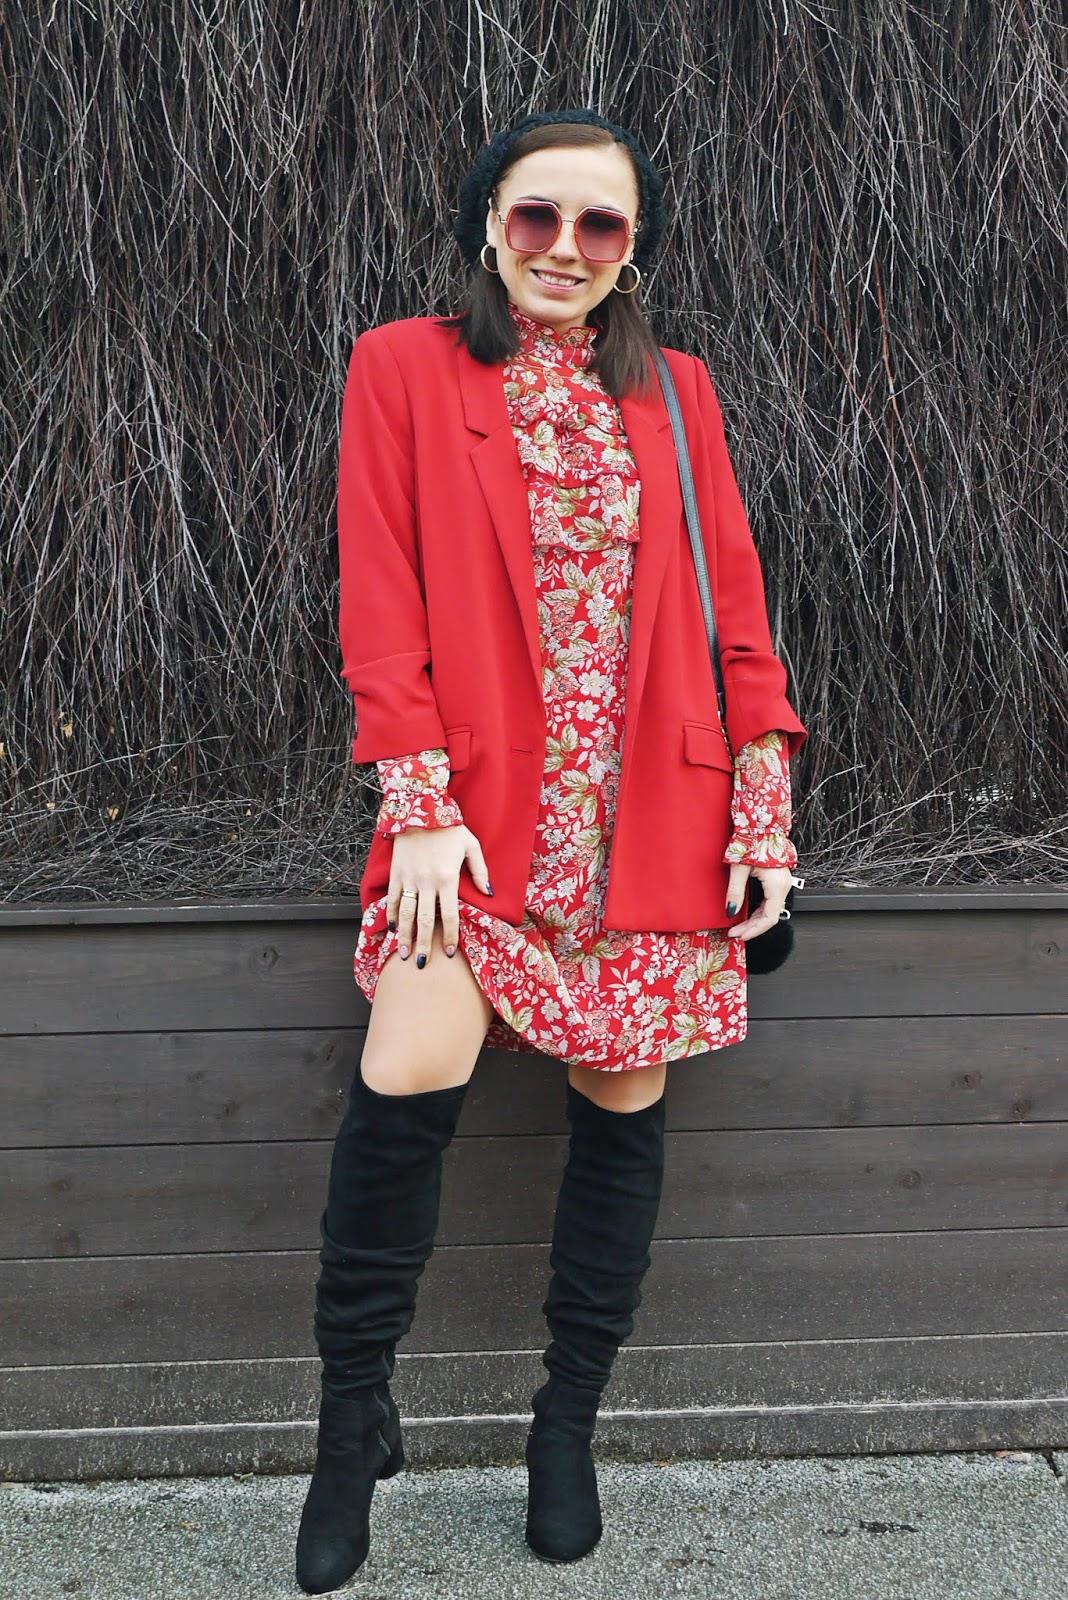 czerwona szyfonowa sukienka w kwiaty bonprix czarne kozaki za kolano marynarka czerwna mango beret renee blog modowy blogerka modowa puławy look stylizacja